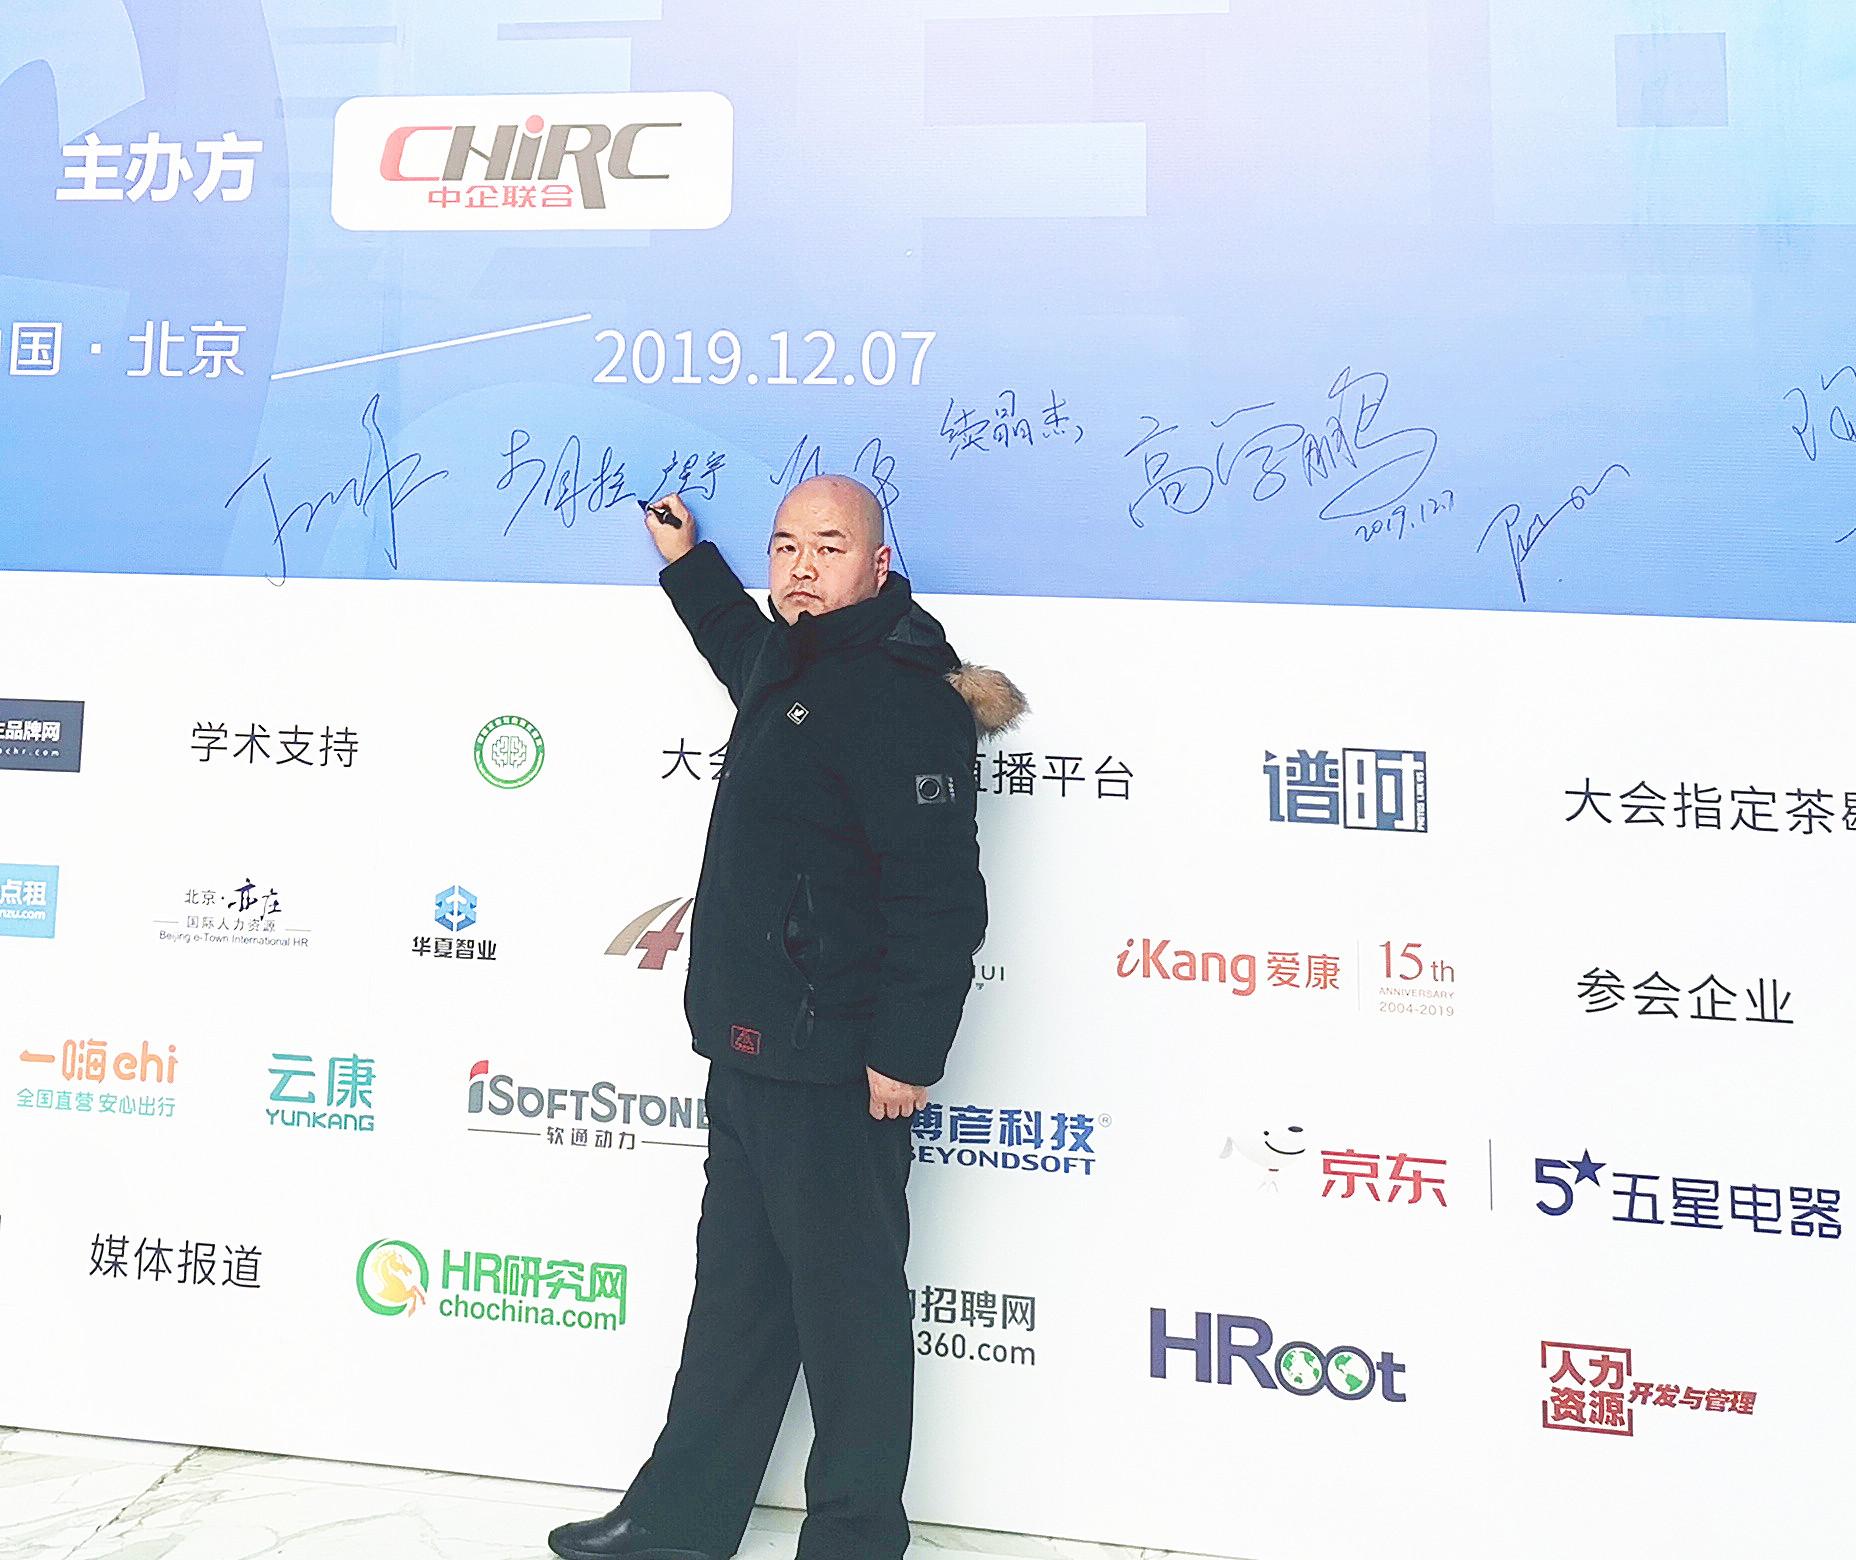 雪里红影视传媒出席第十四届中国雇主品牌年会暨2019年度颁奖盛典